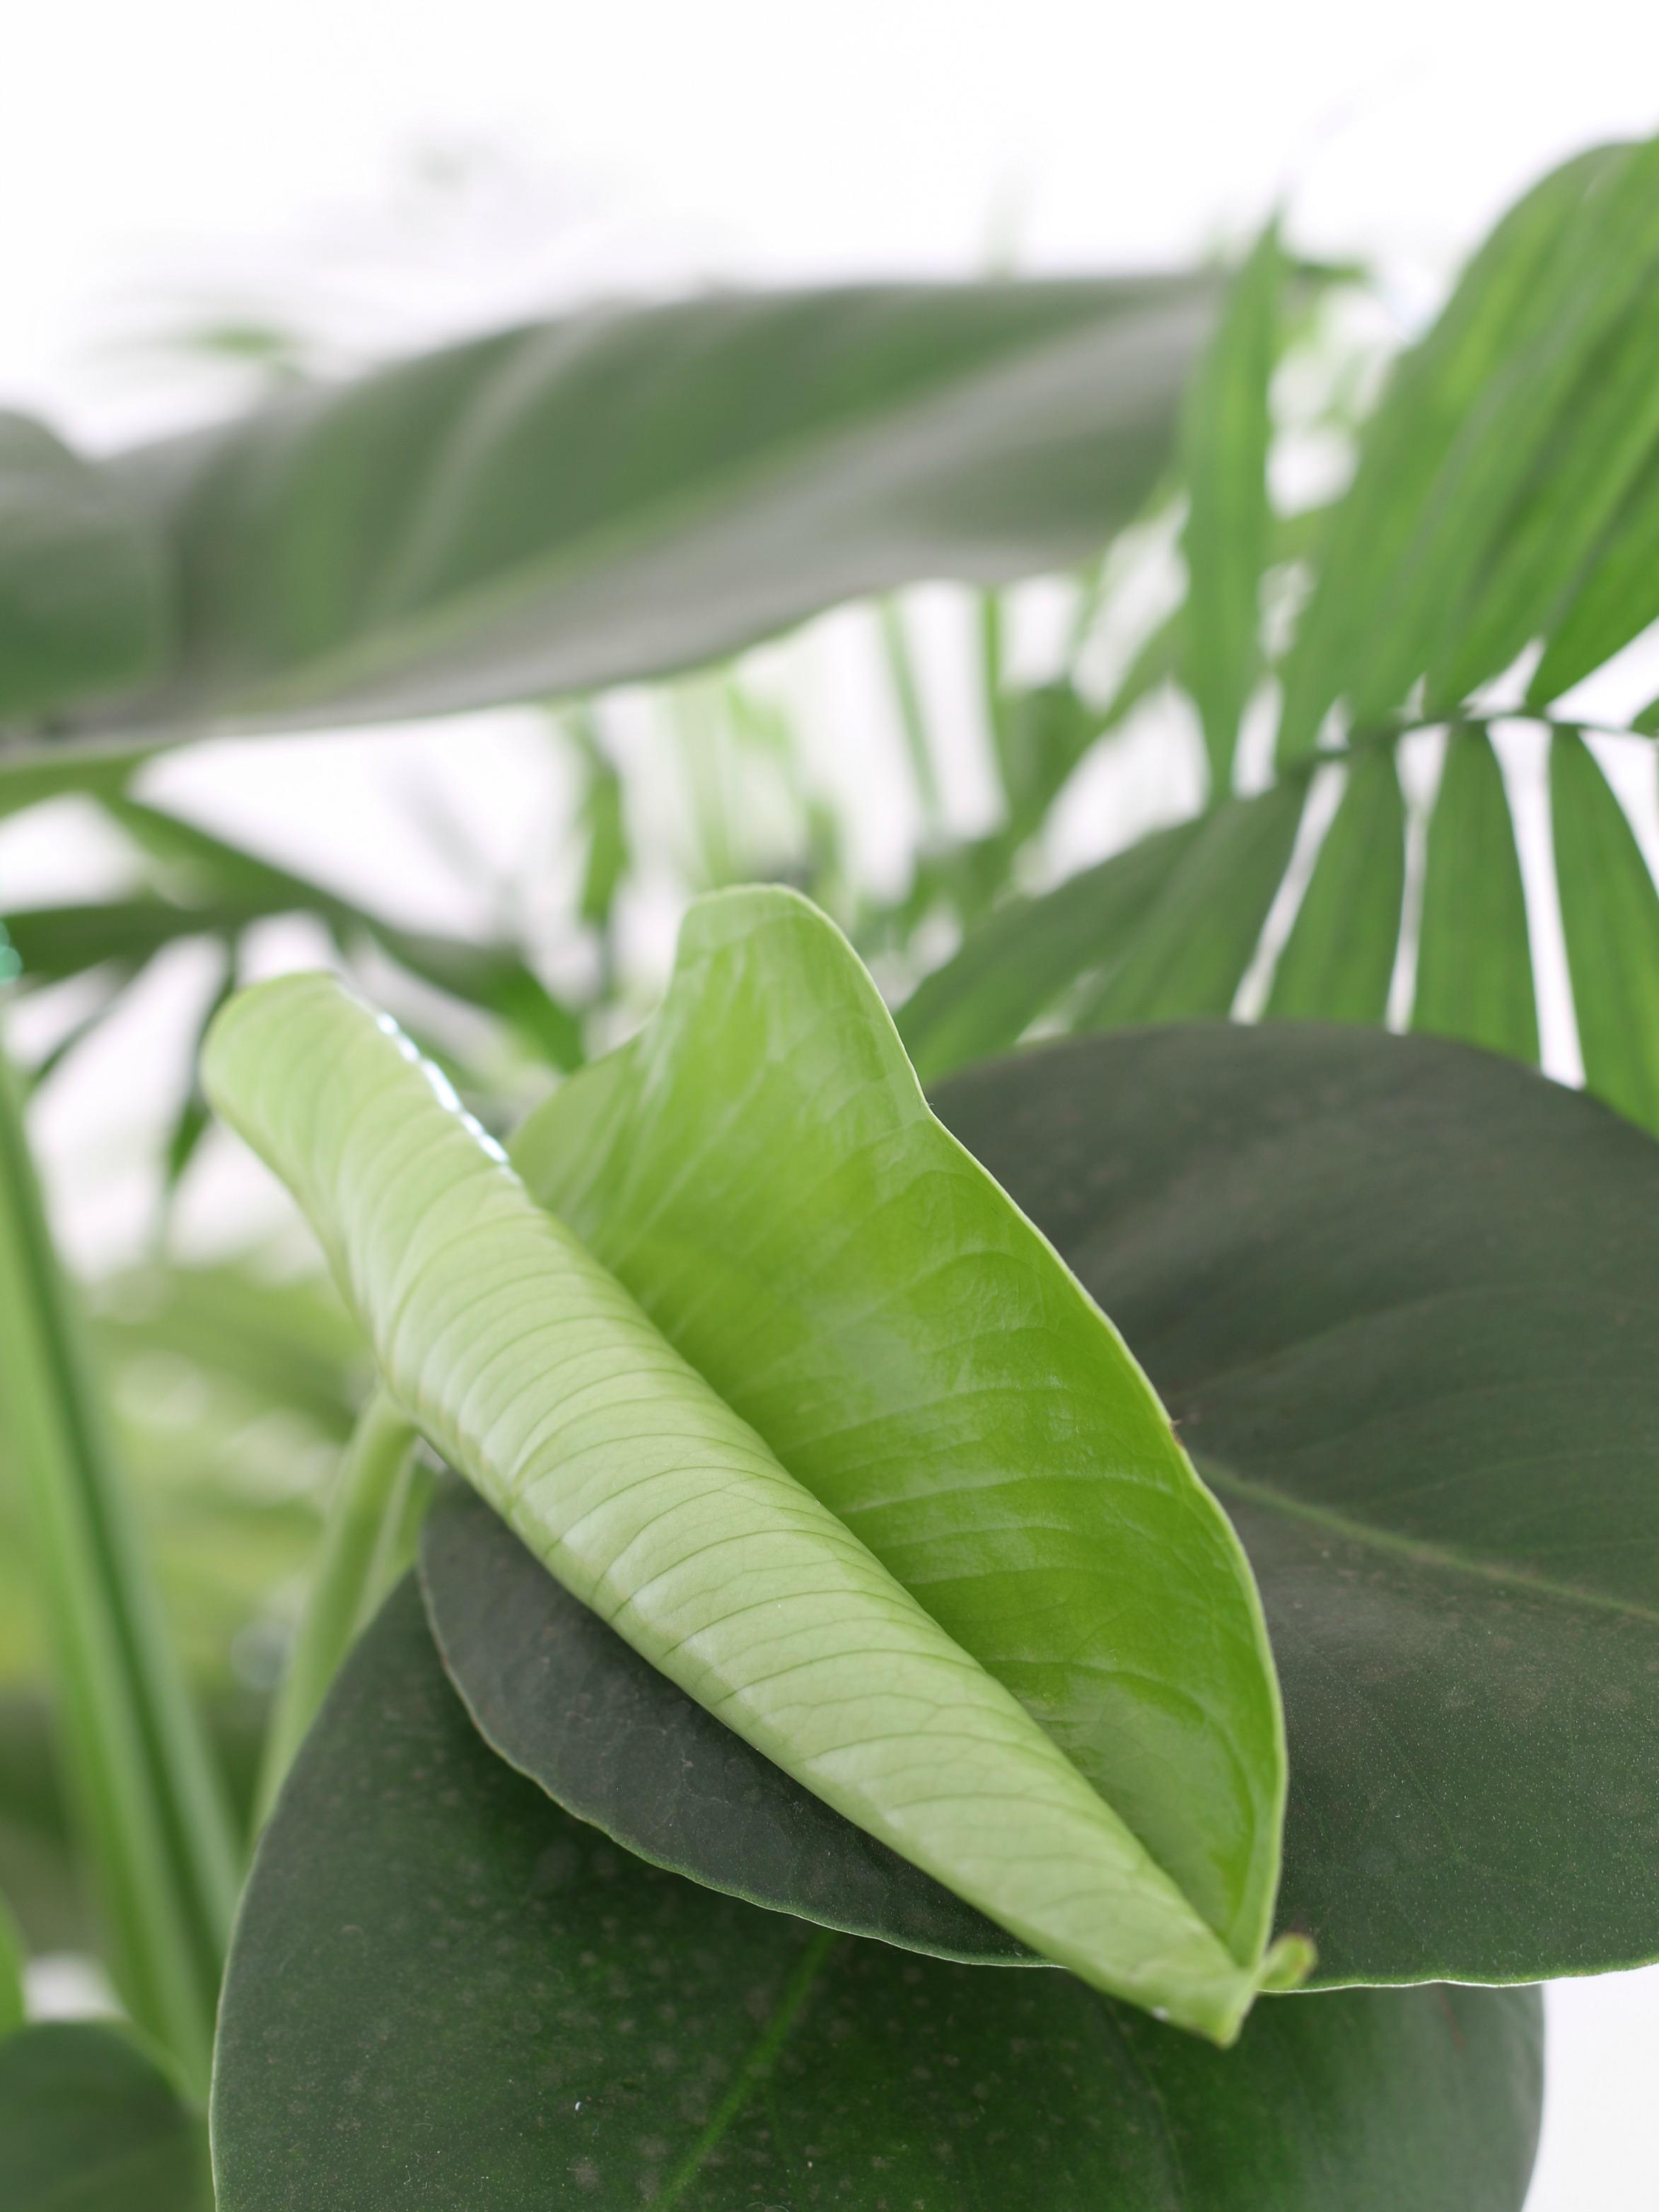 Viihtyisä sisustus viherkasveilla raikastaa kodin peikonlehti Omakotivalkoinen